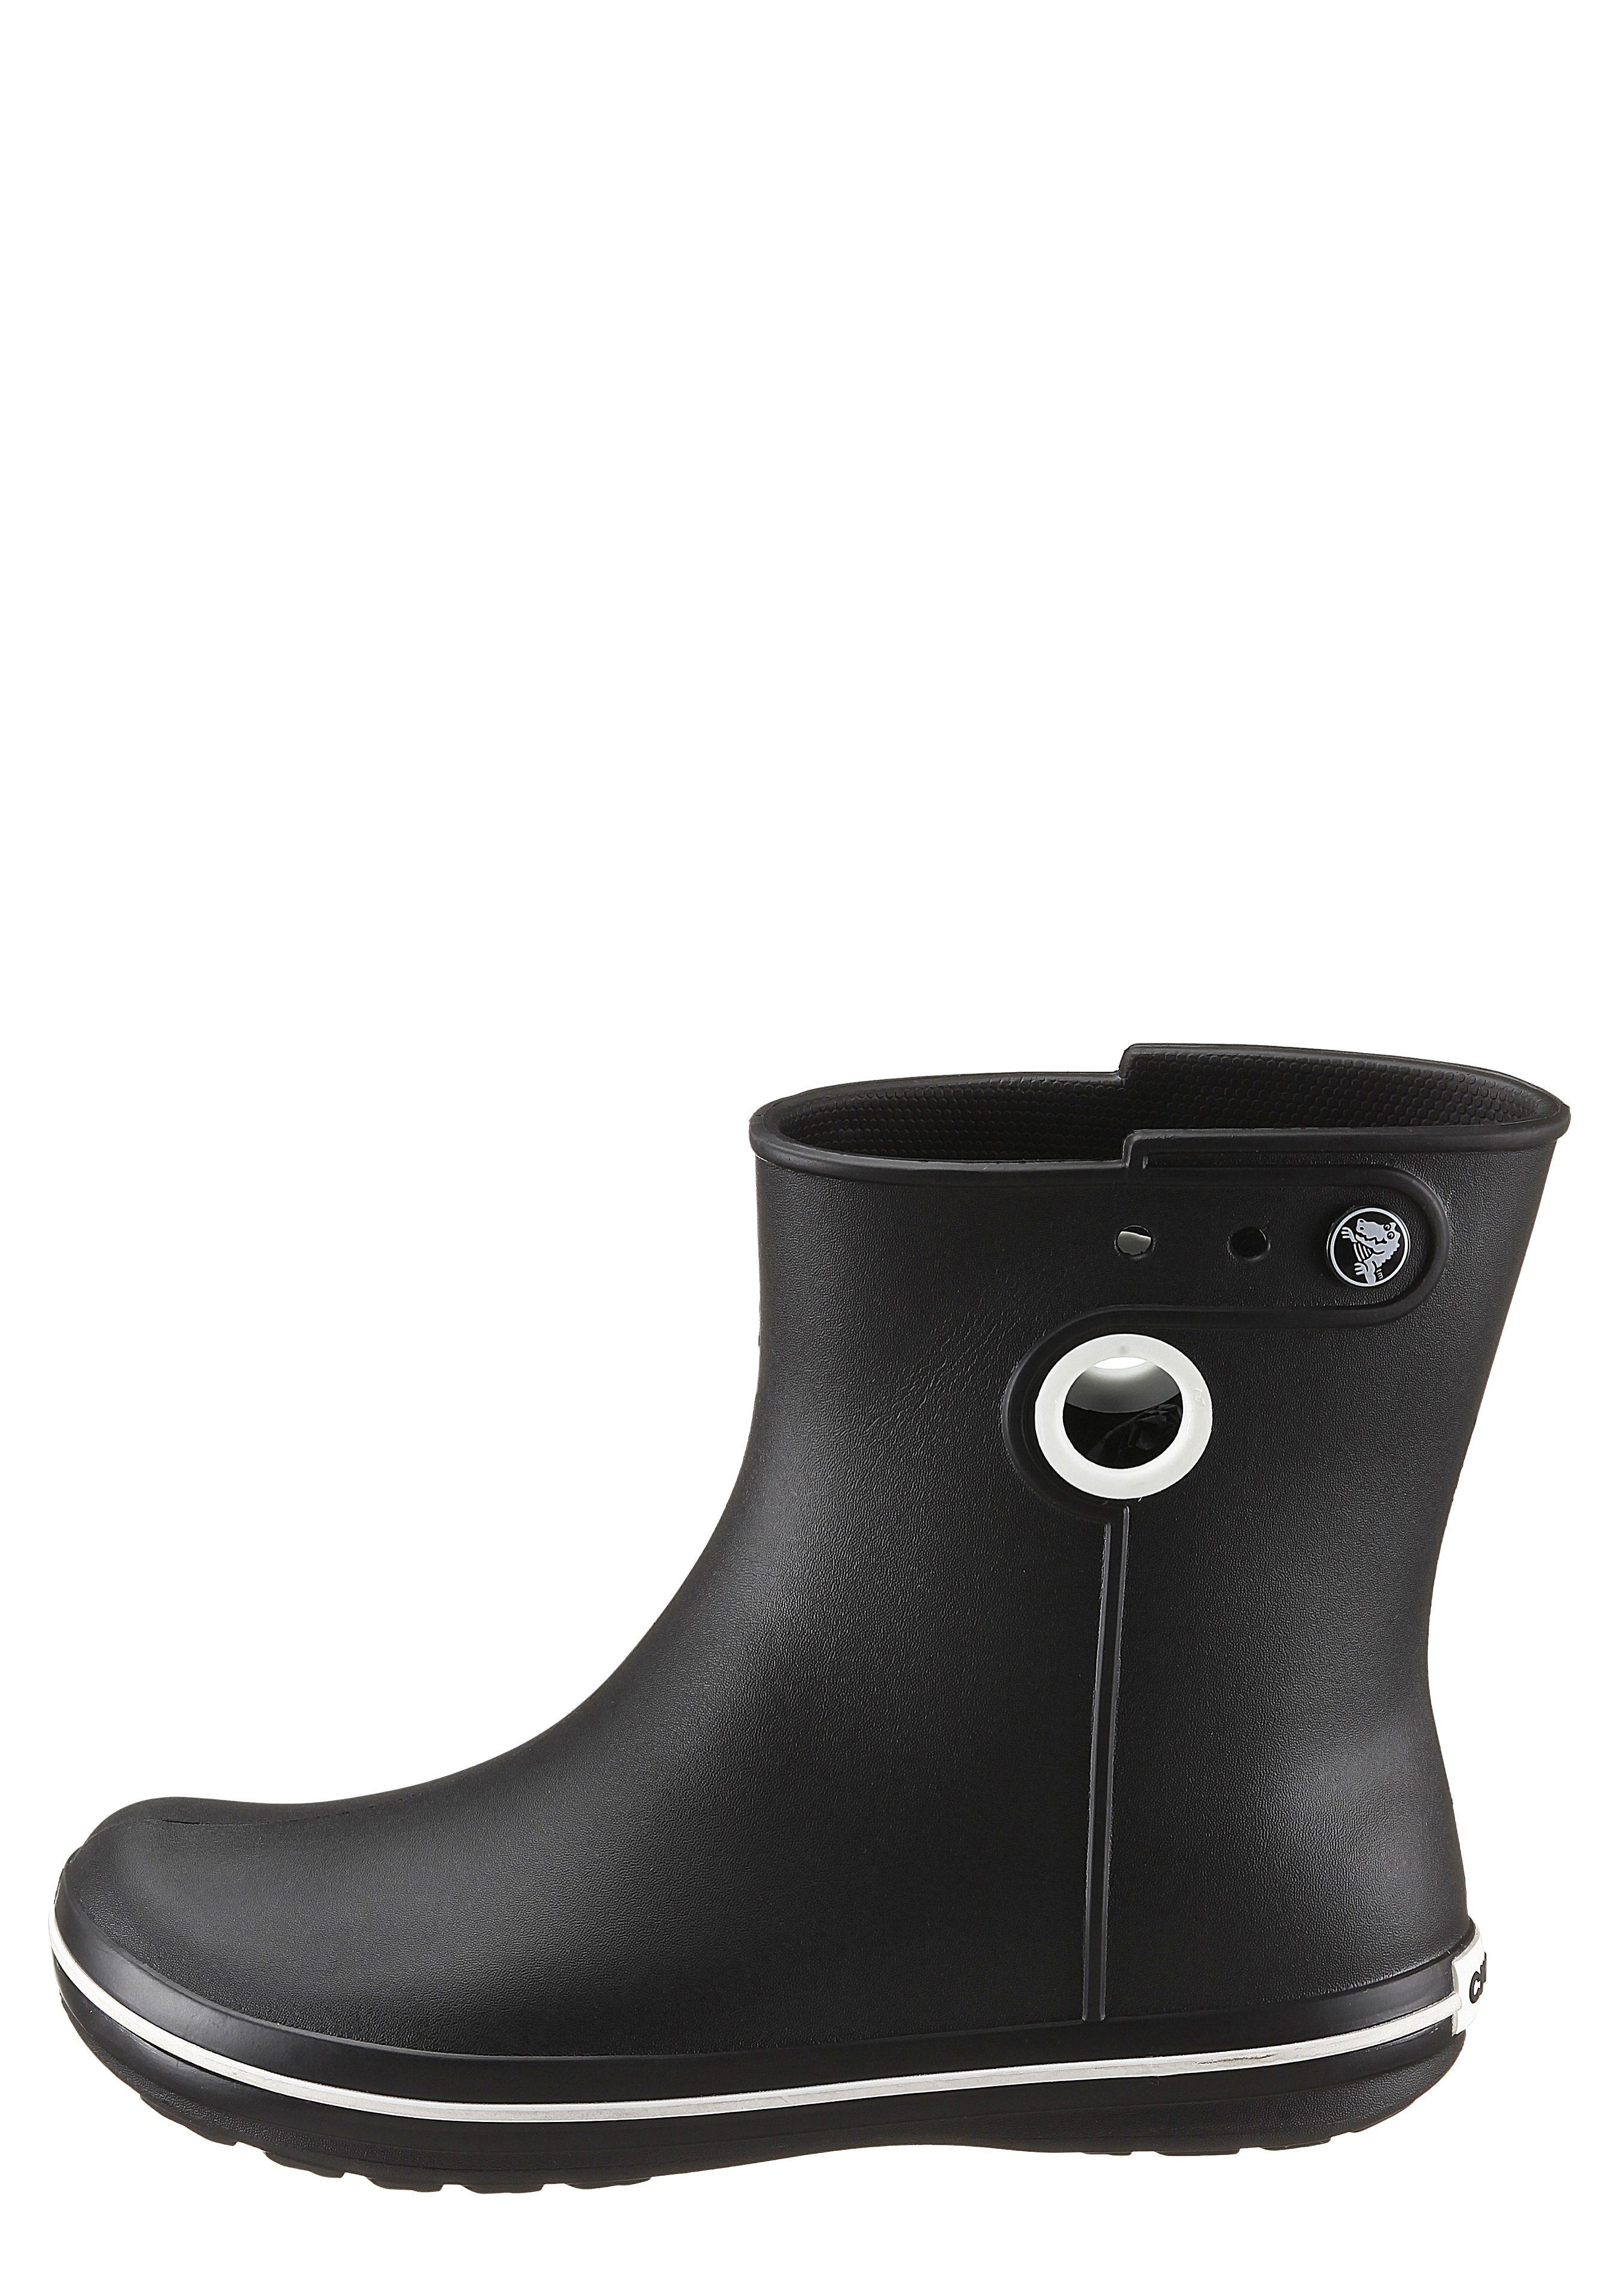 Crocs Jaunt Shorty Boot Gummistiefel kaufen  schwarz